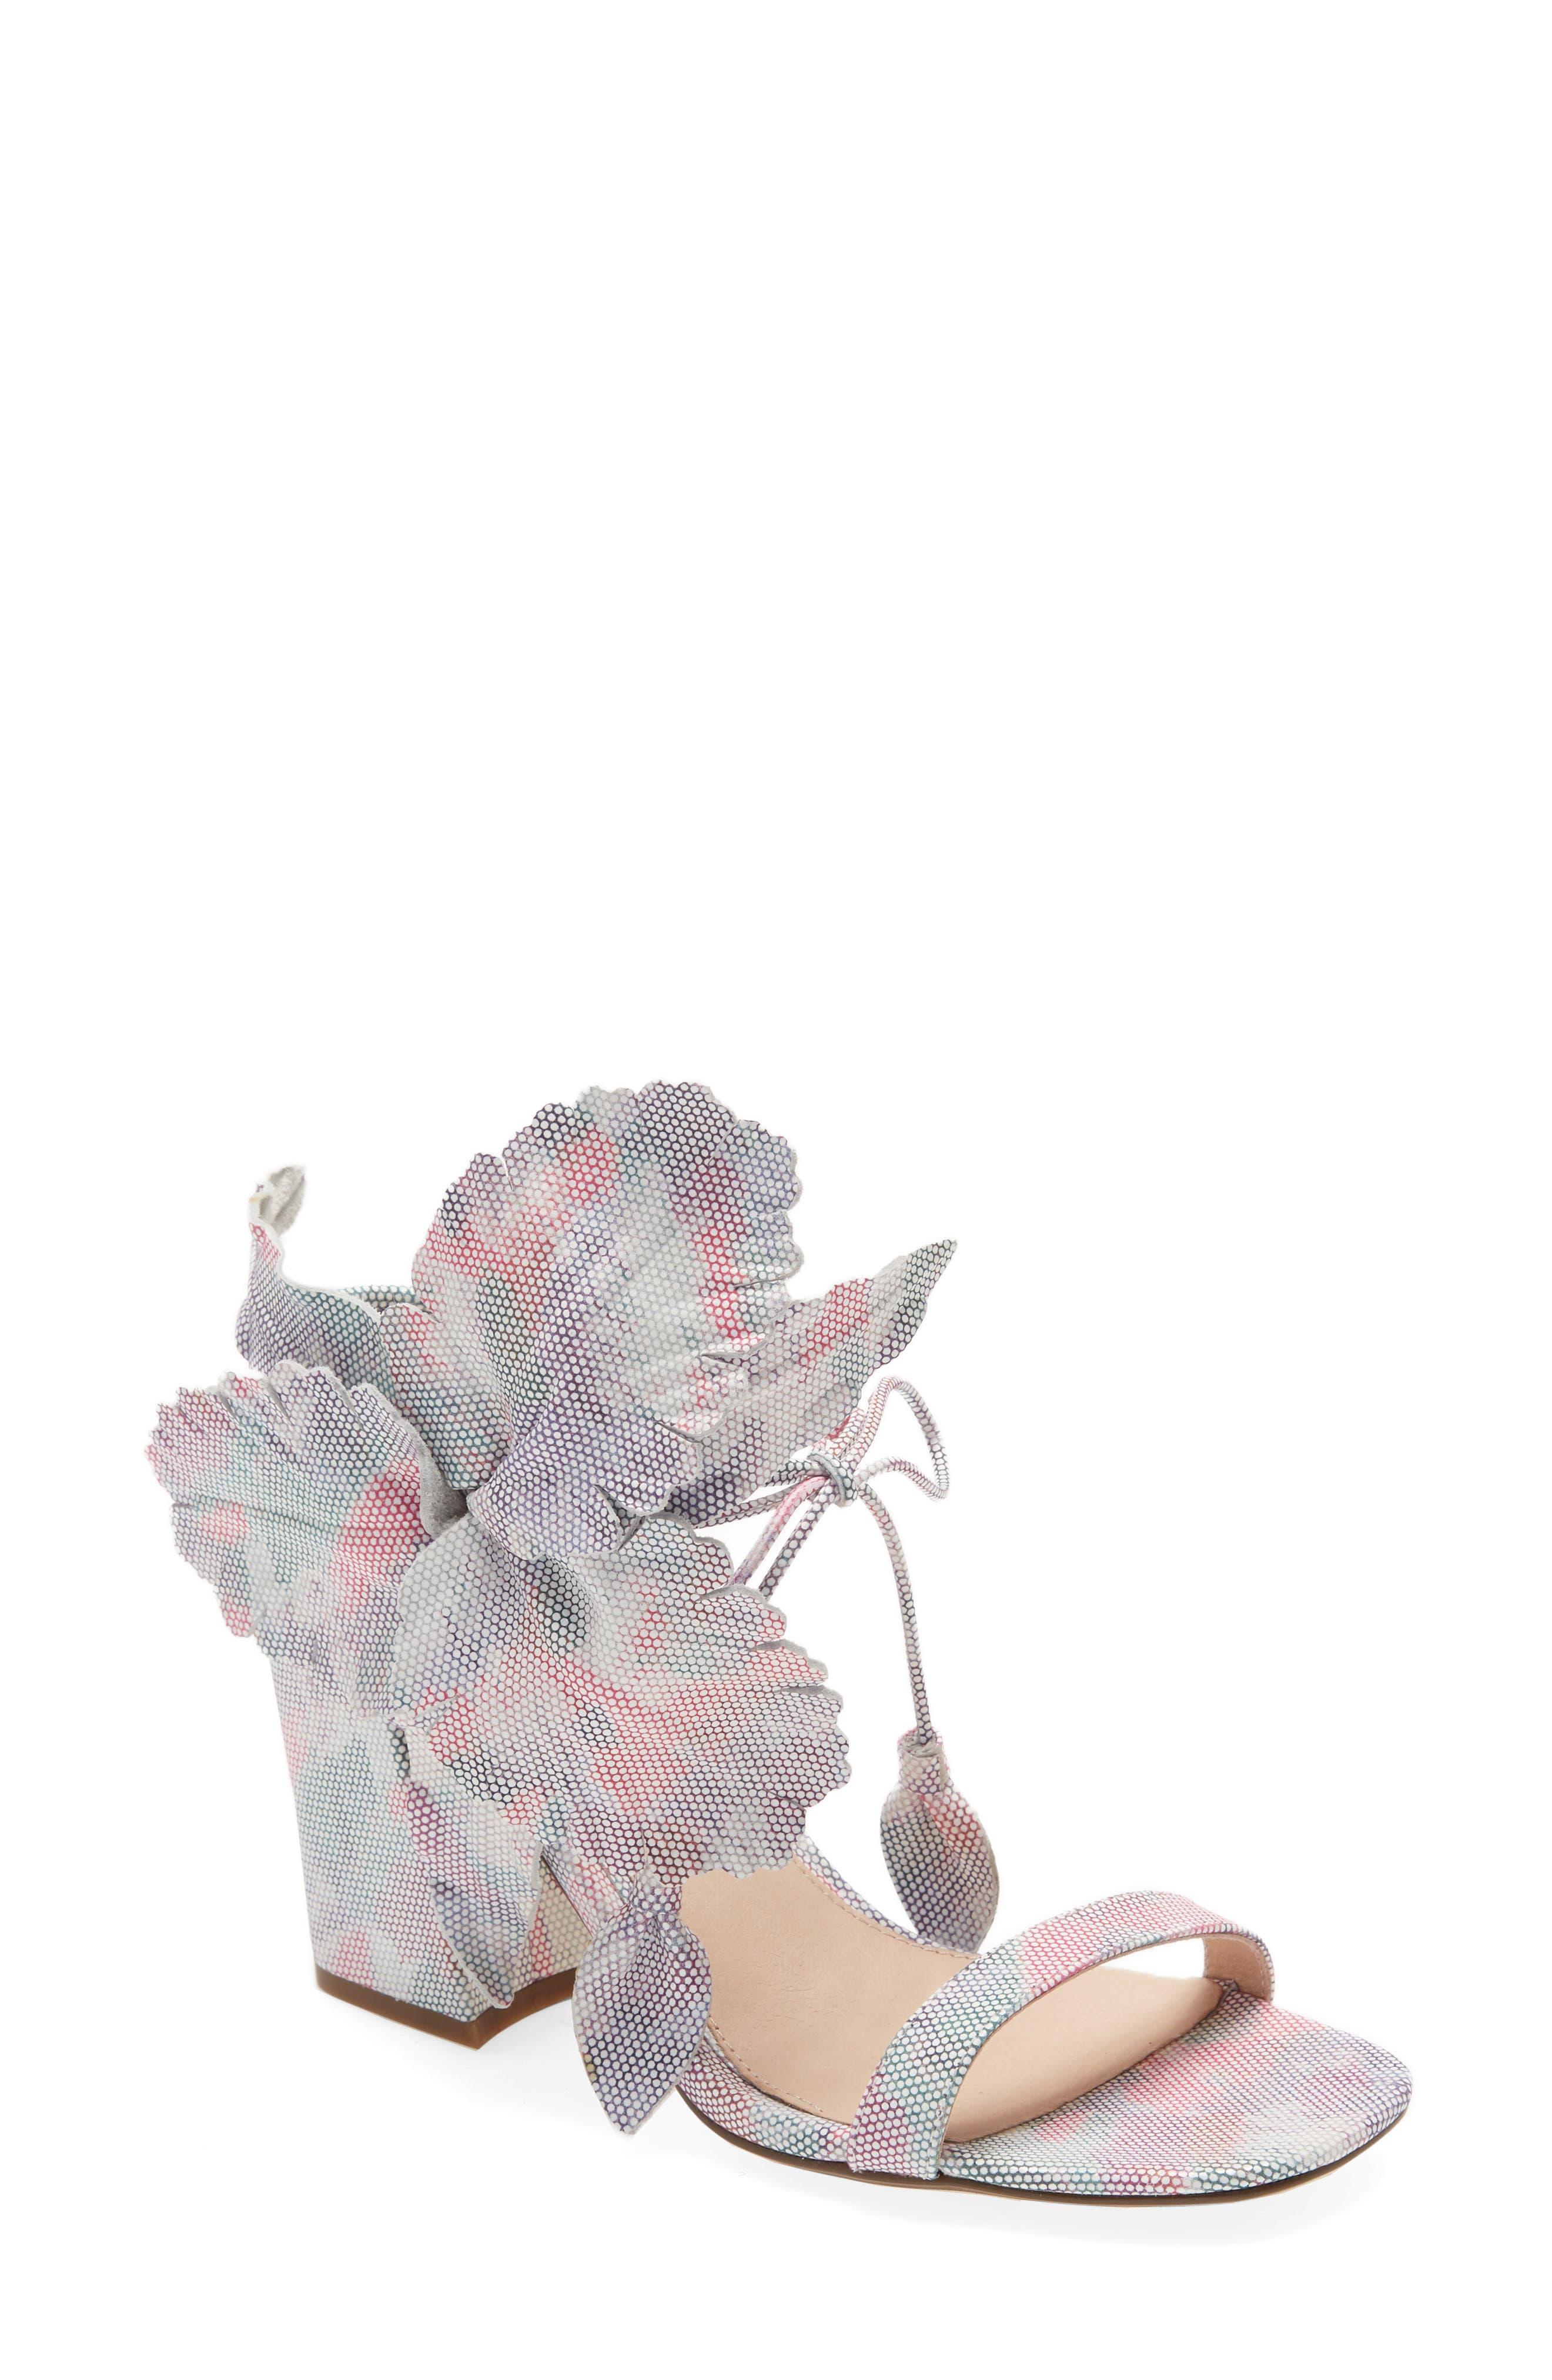 Hibiscus Sandal